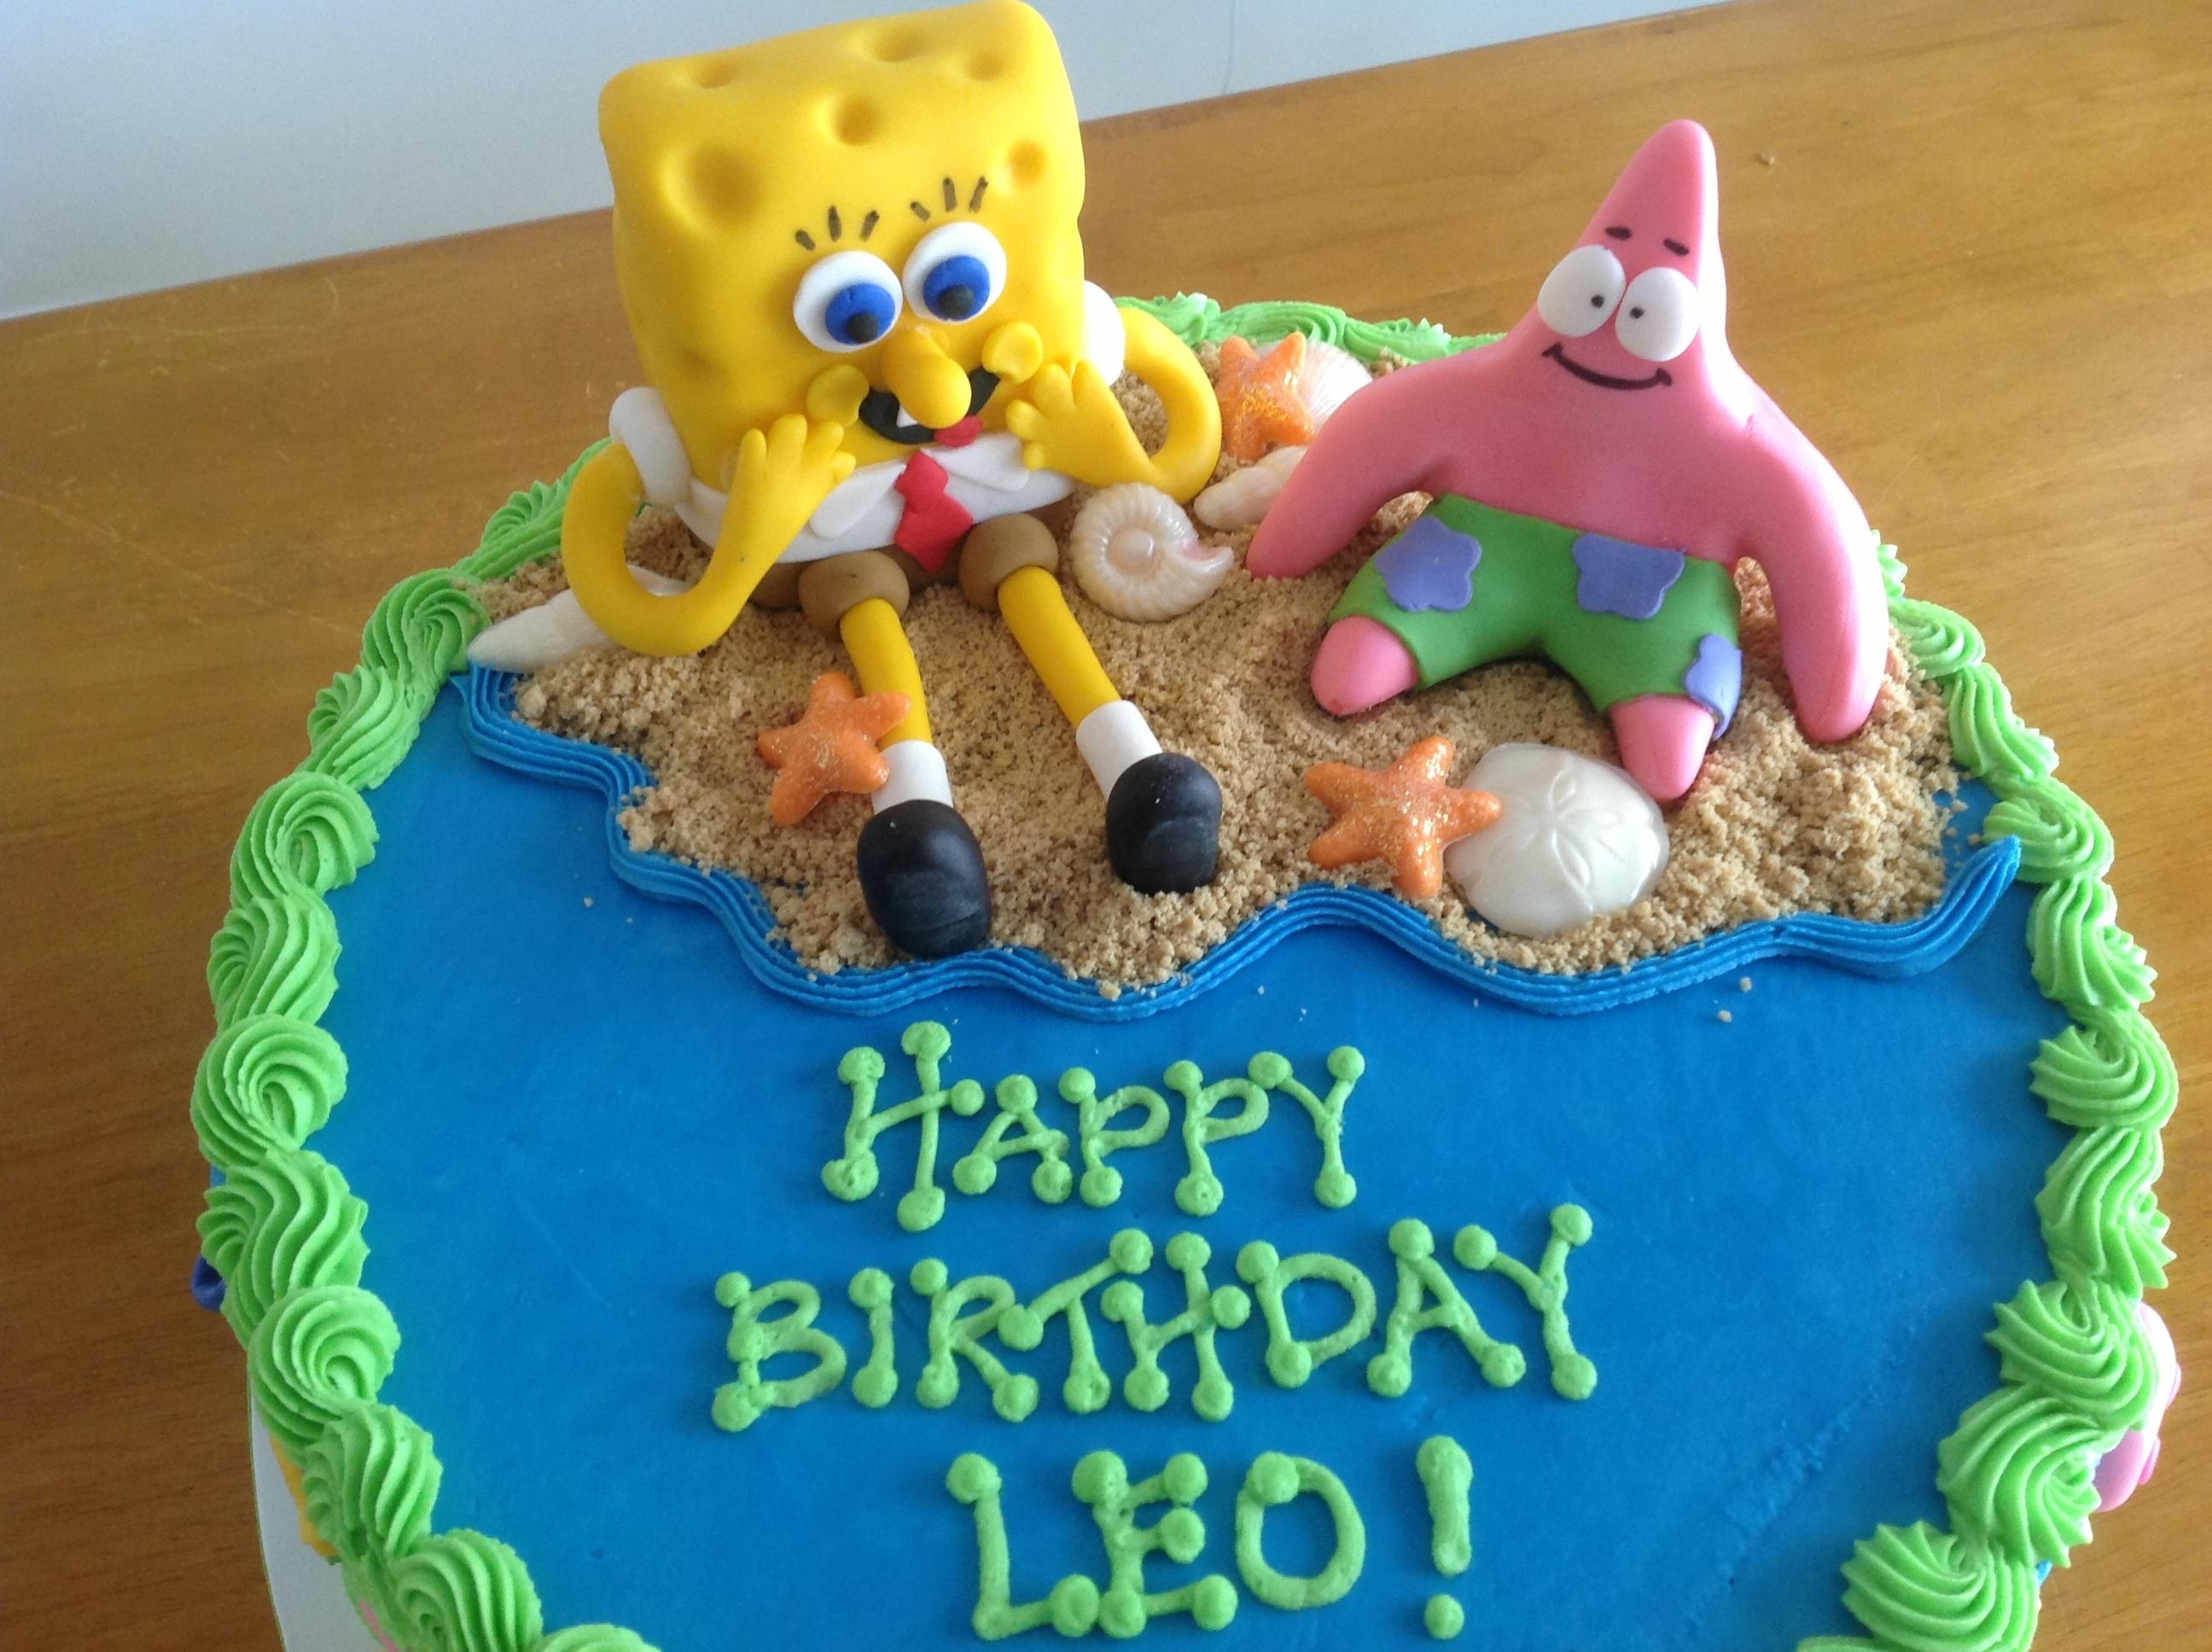 Spongebob Cake - CakeCentral.com